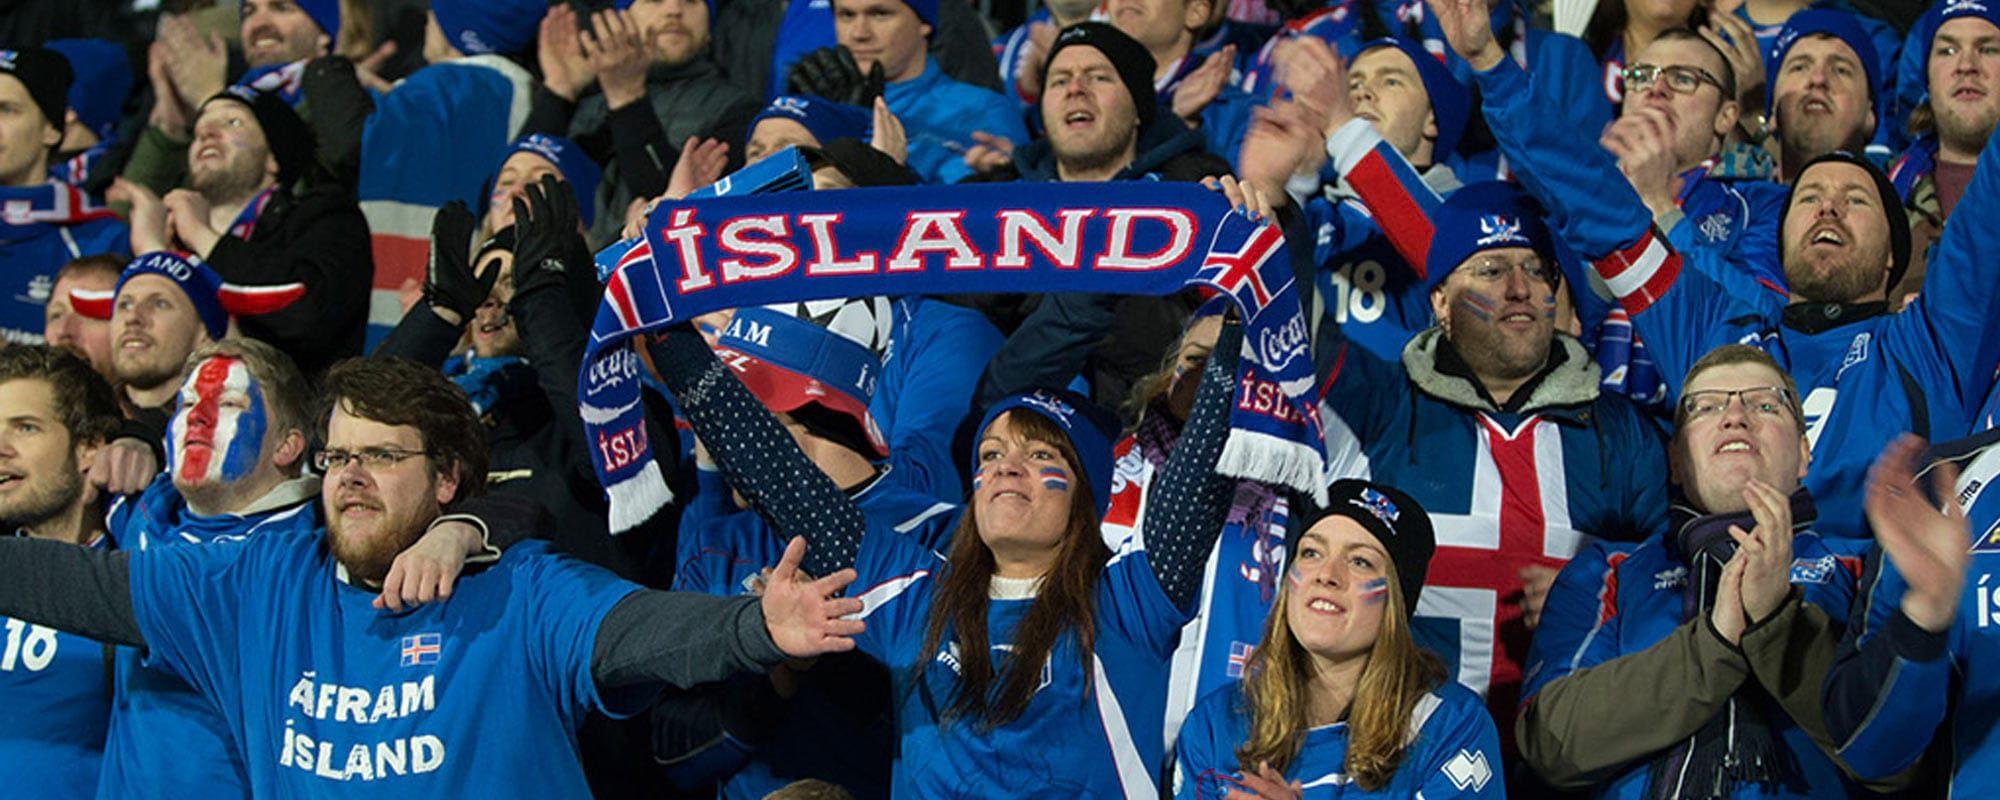 Iceland Football Stadium